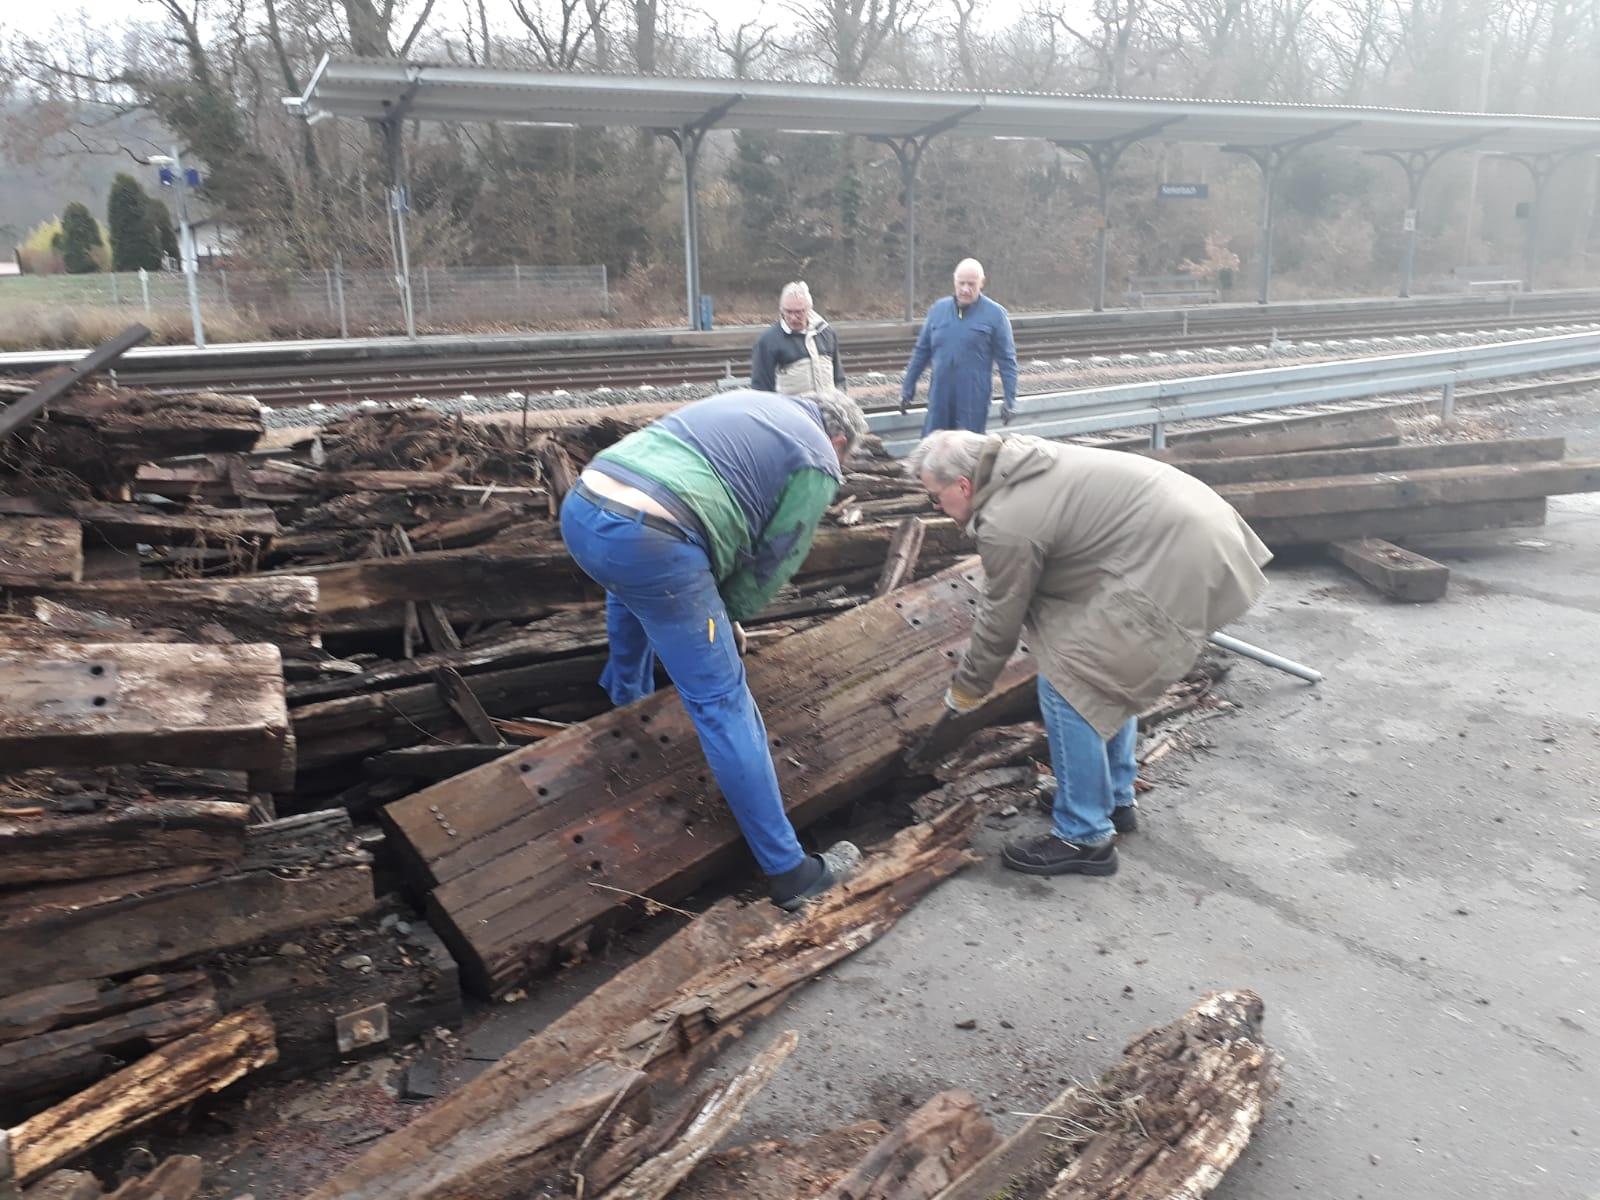 März 2019, eine Bahn- Baustelle am Bahnhof Kerkerbach lies gebrauchte Schwellen frei werden